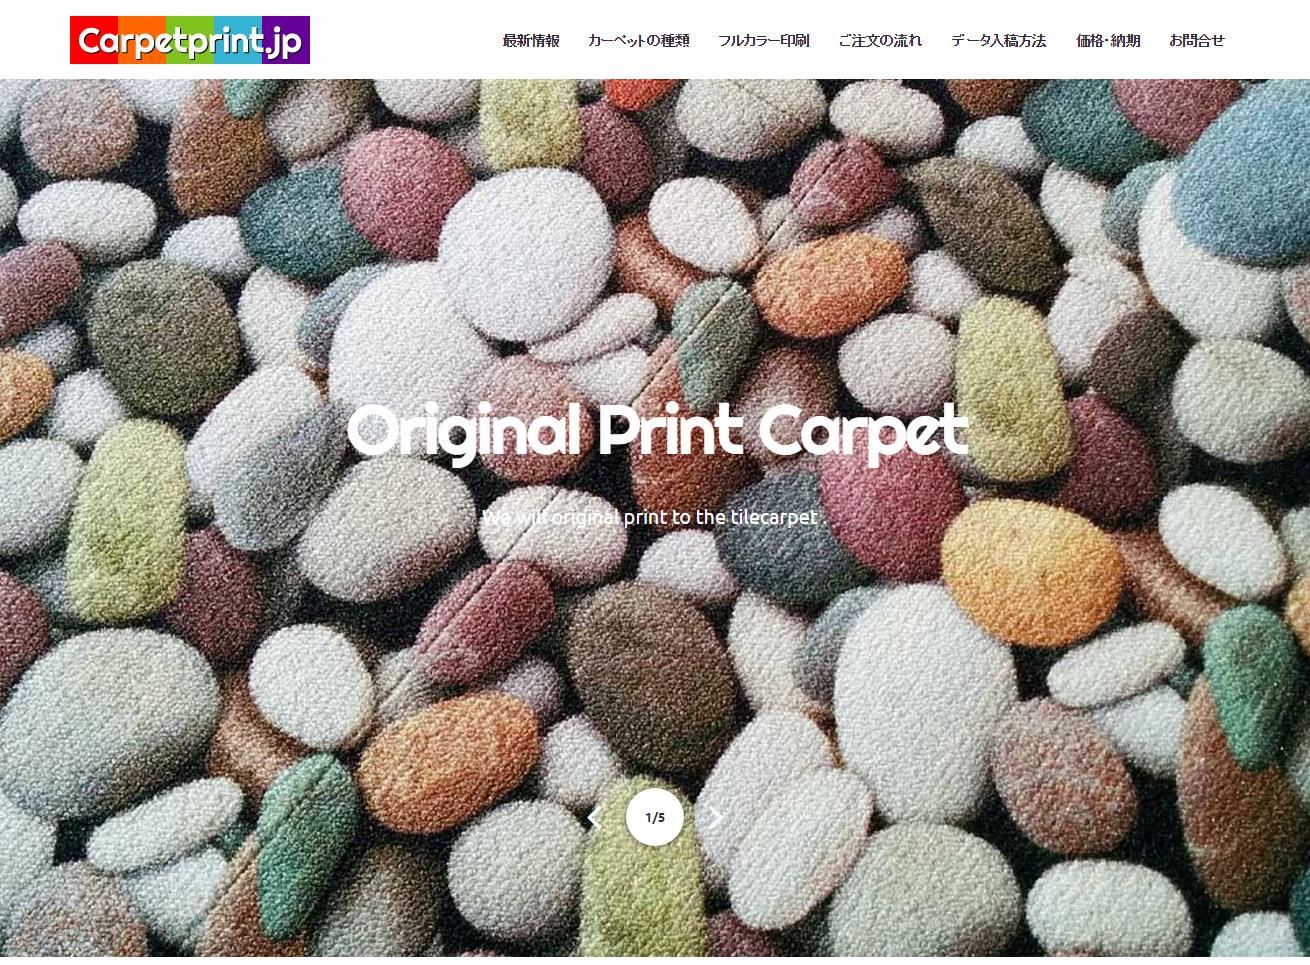 carpetprint-jp